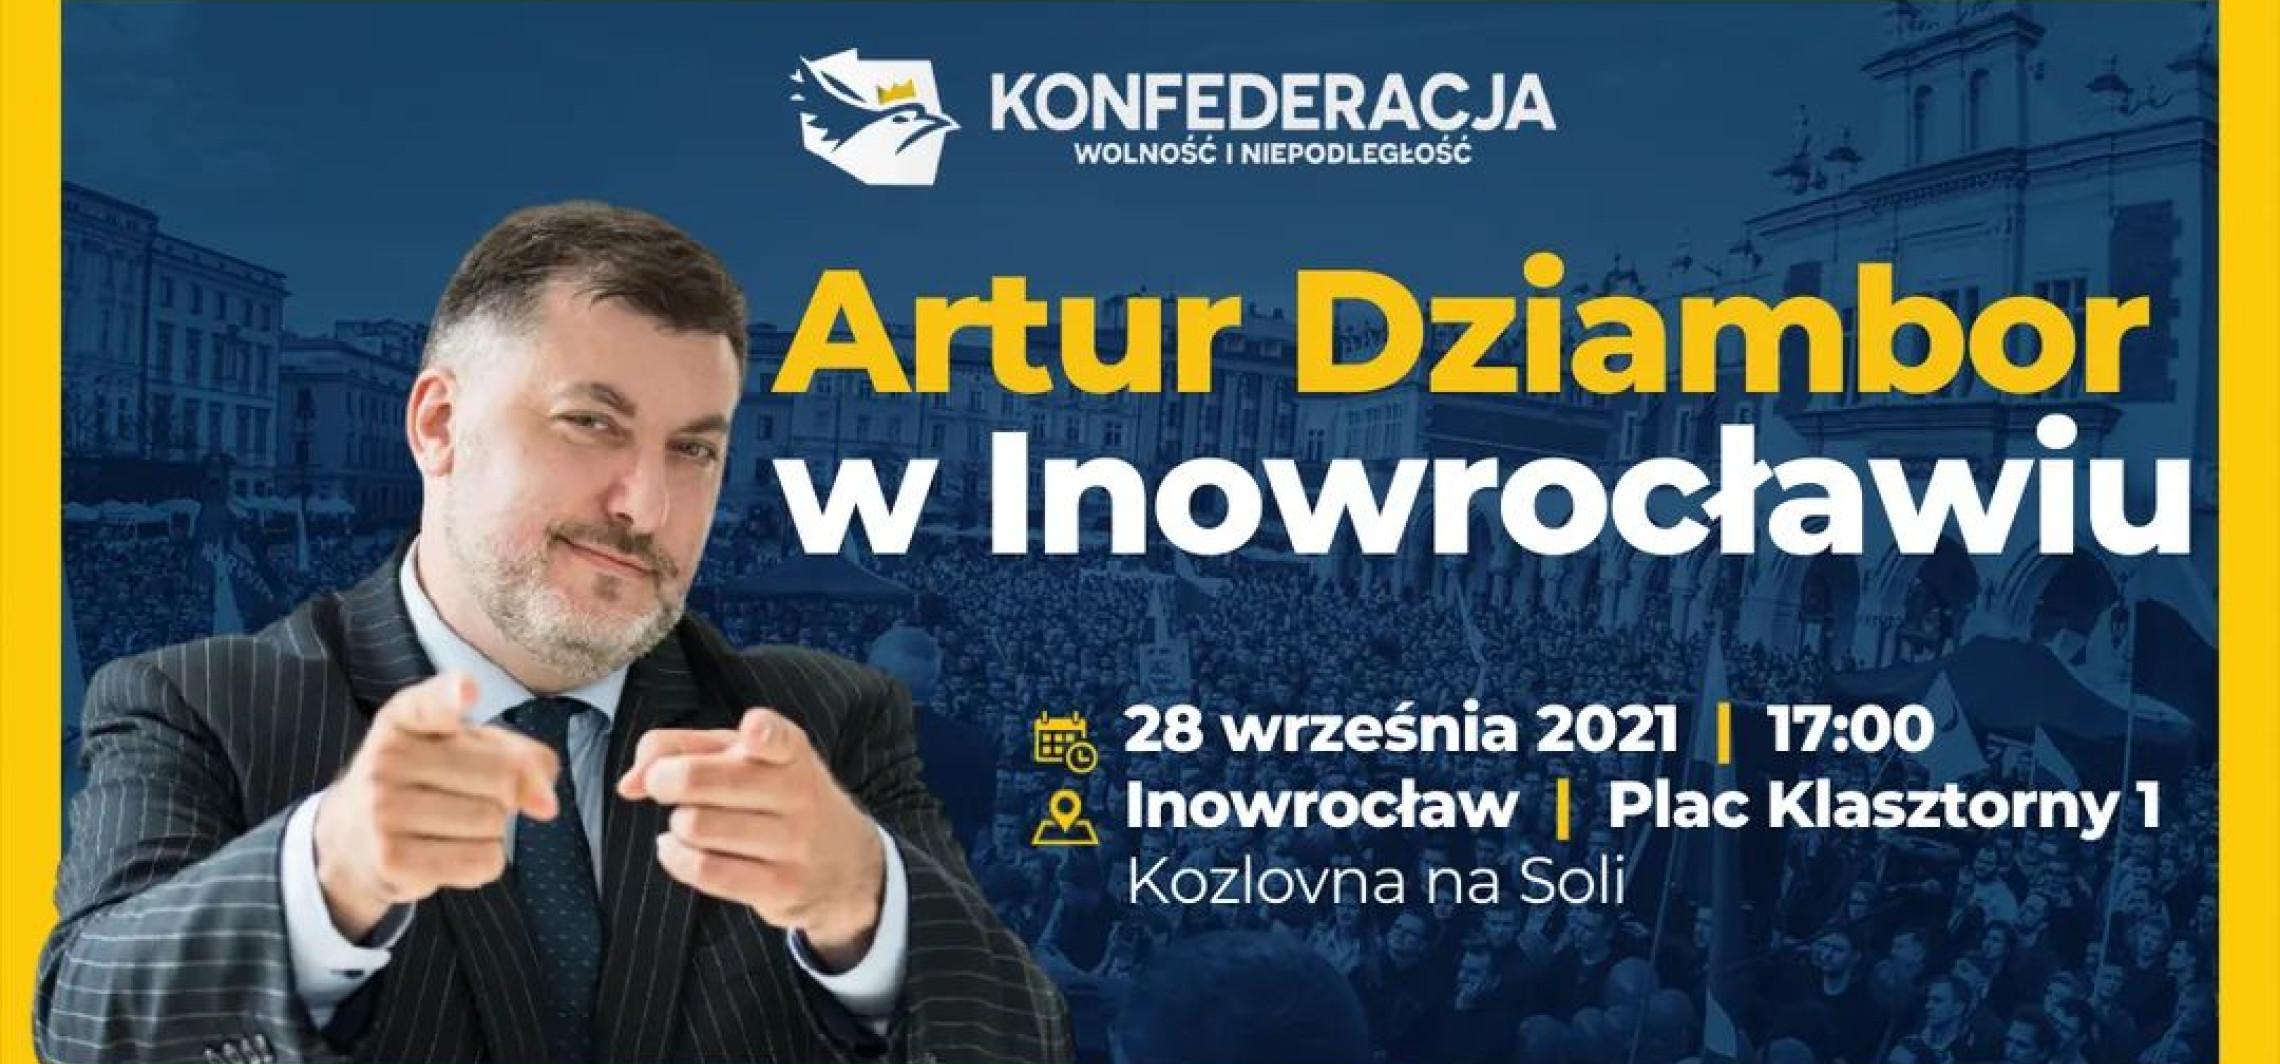 Inowrocław - Poseł Konfederacji spotka się z mieszkańcami